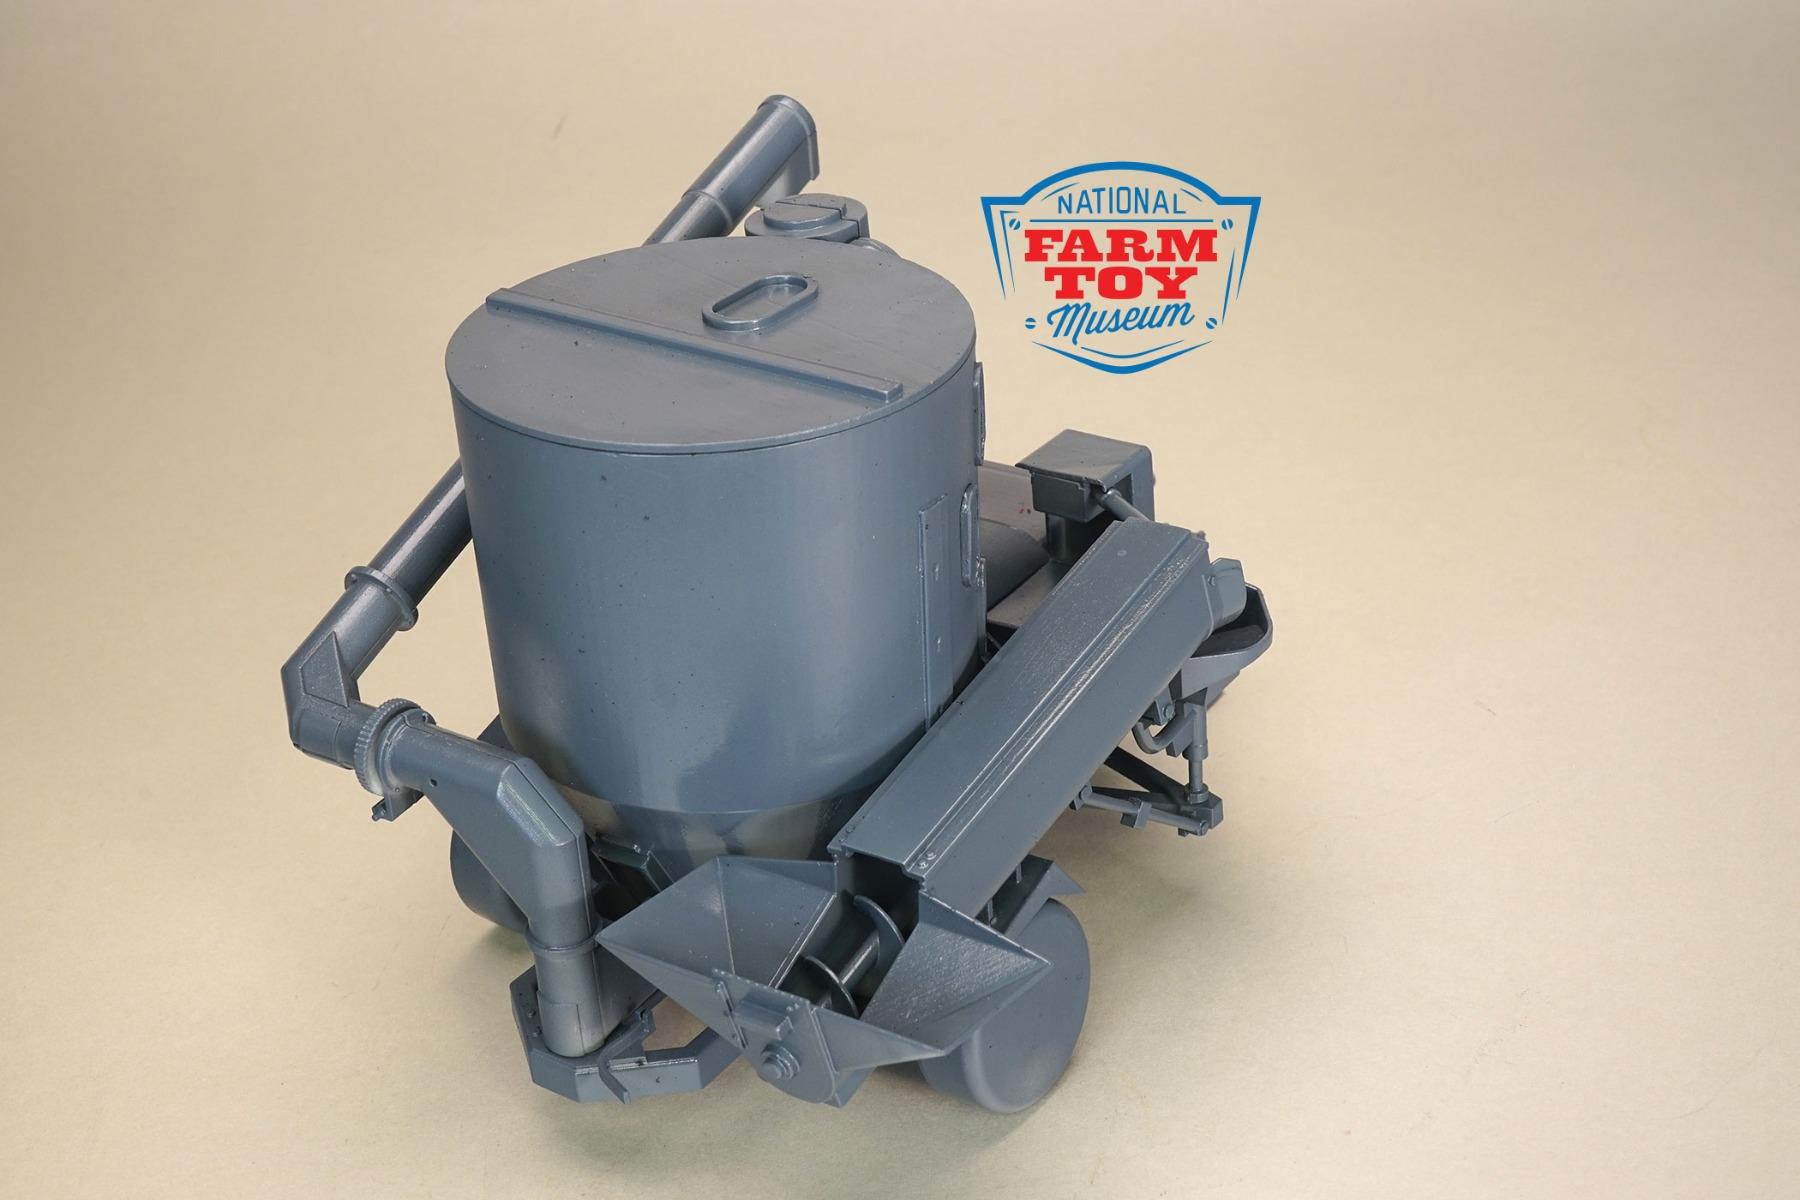 CUST-1974-Arts-Way-325-grinder-mixer 4